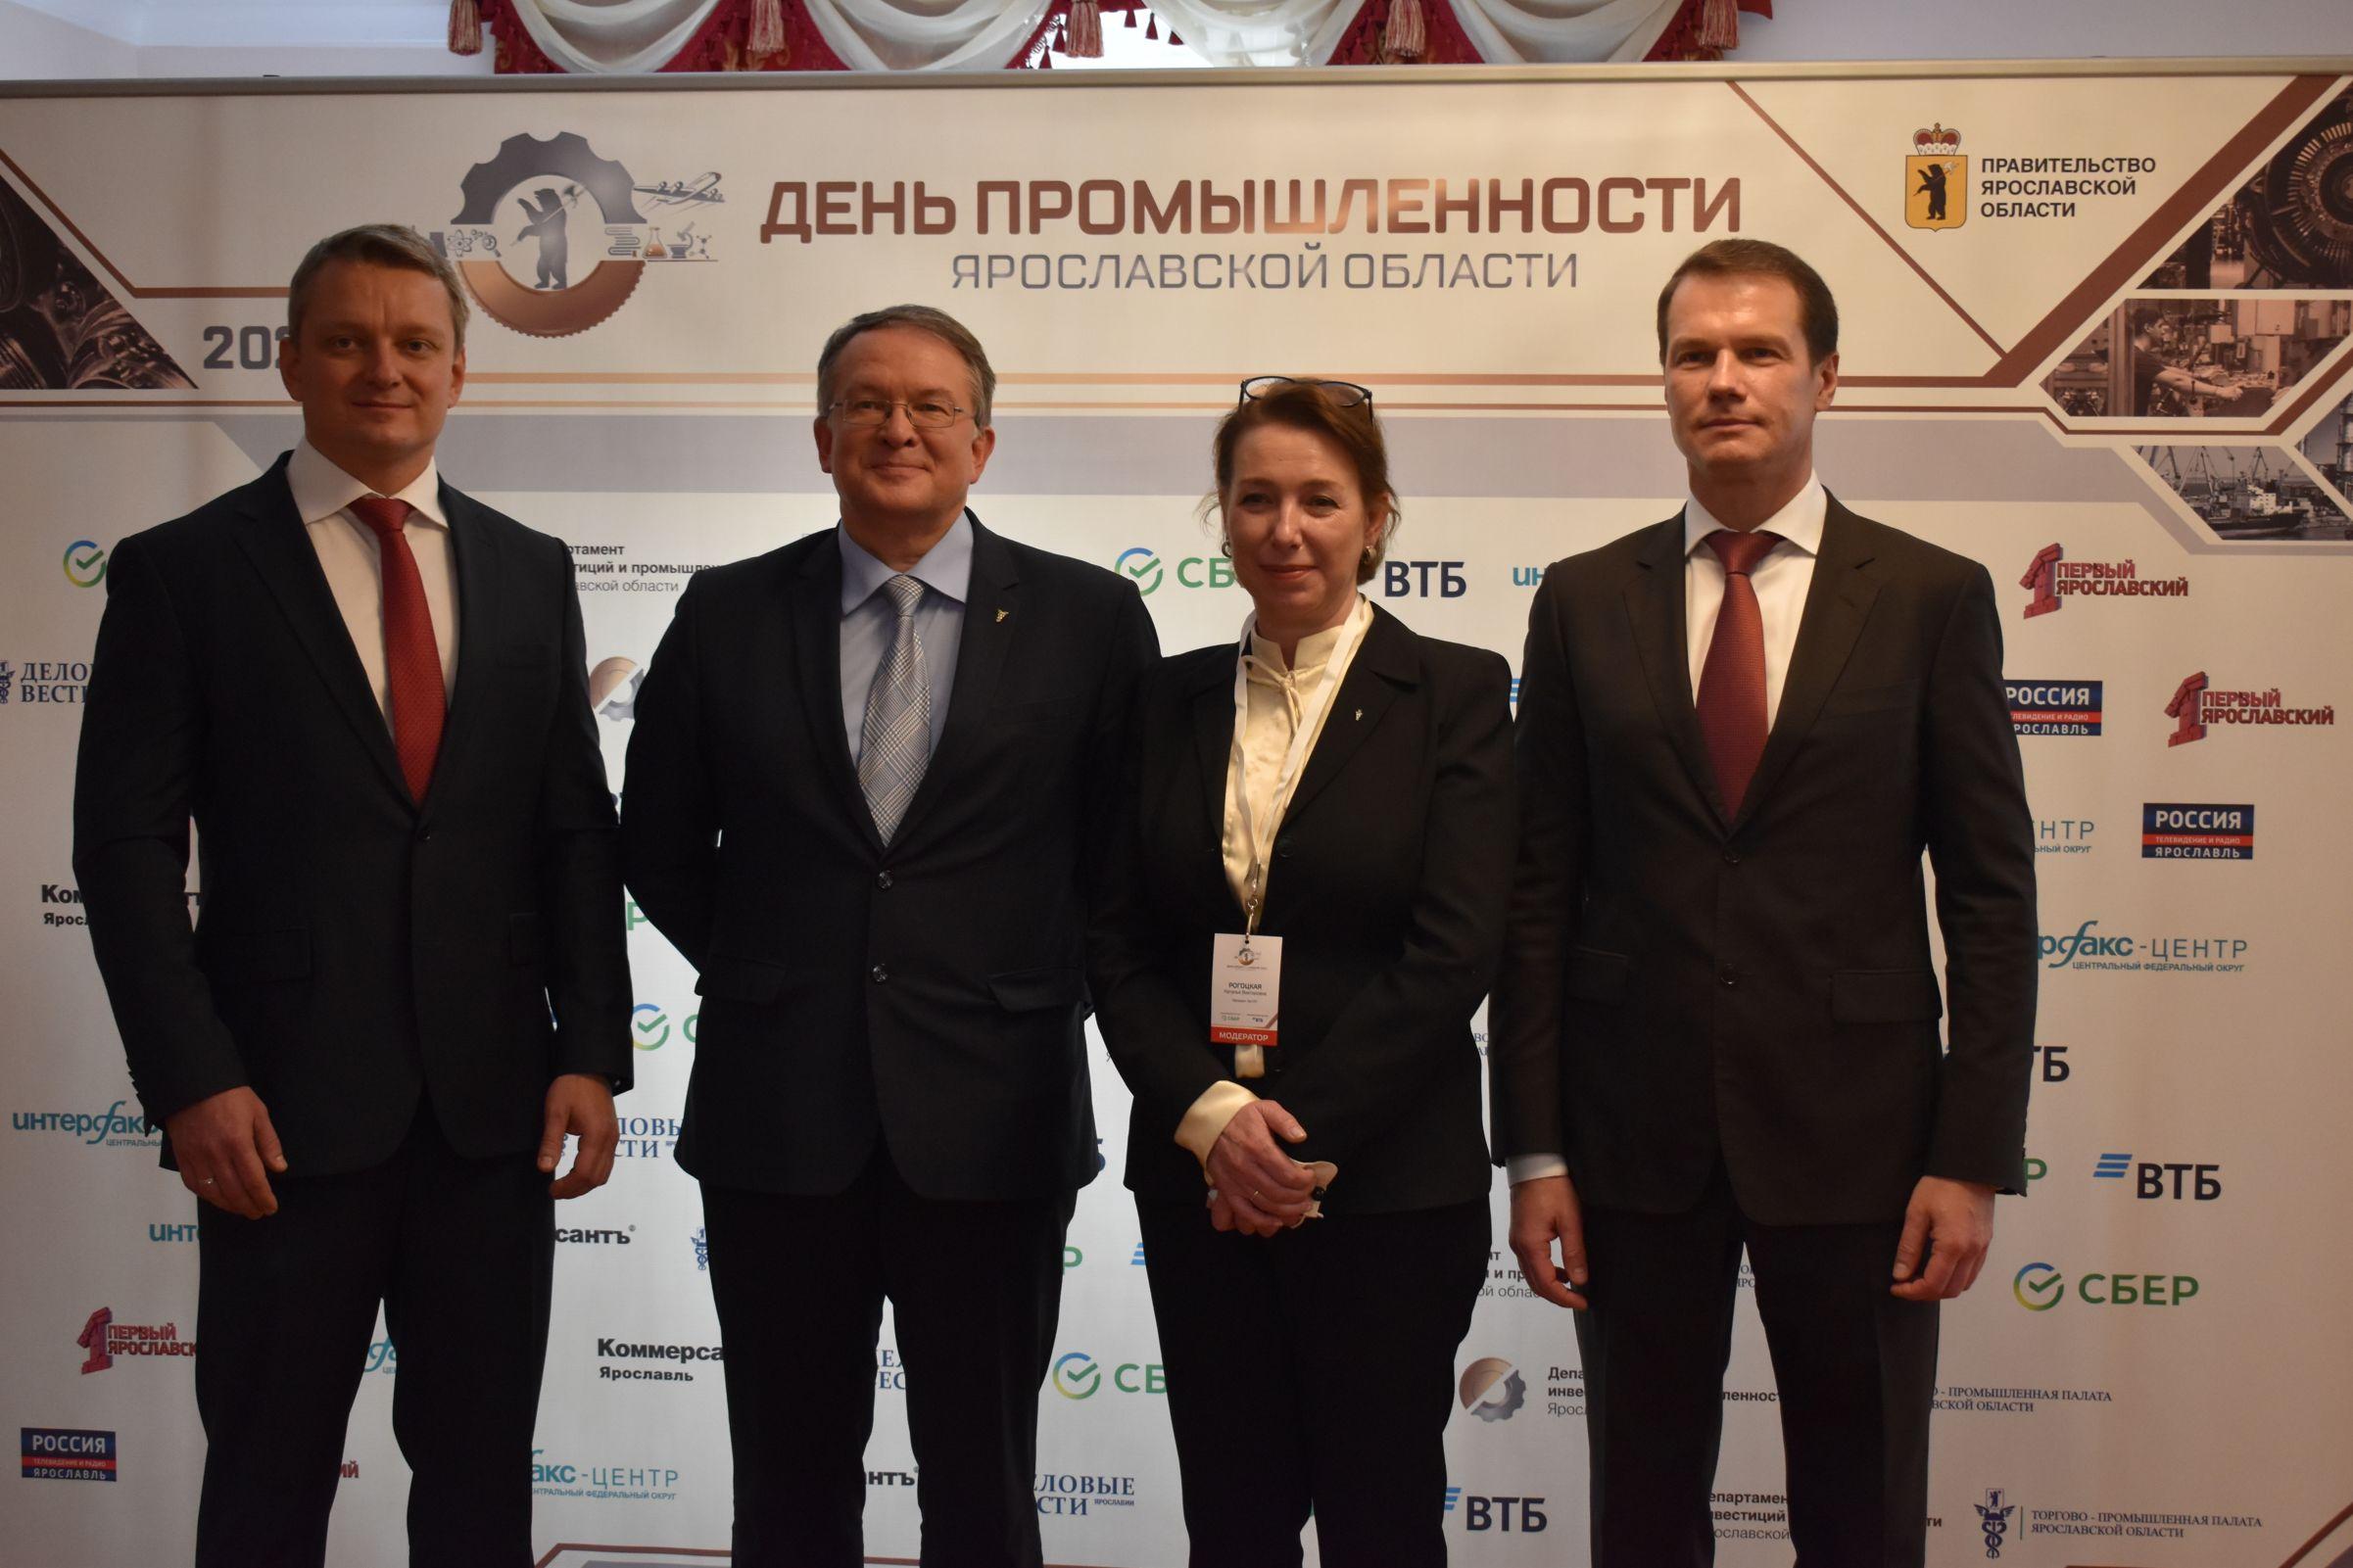 Названы лучшие промышленные предприятия Ярославской области